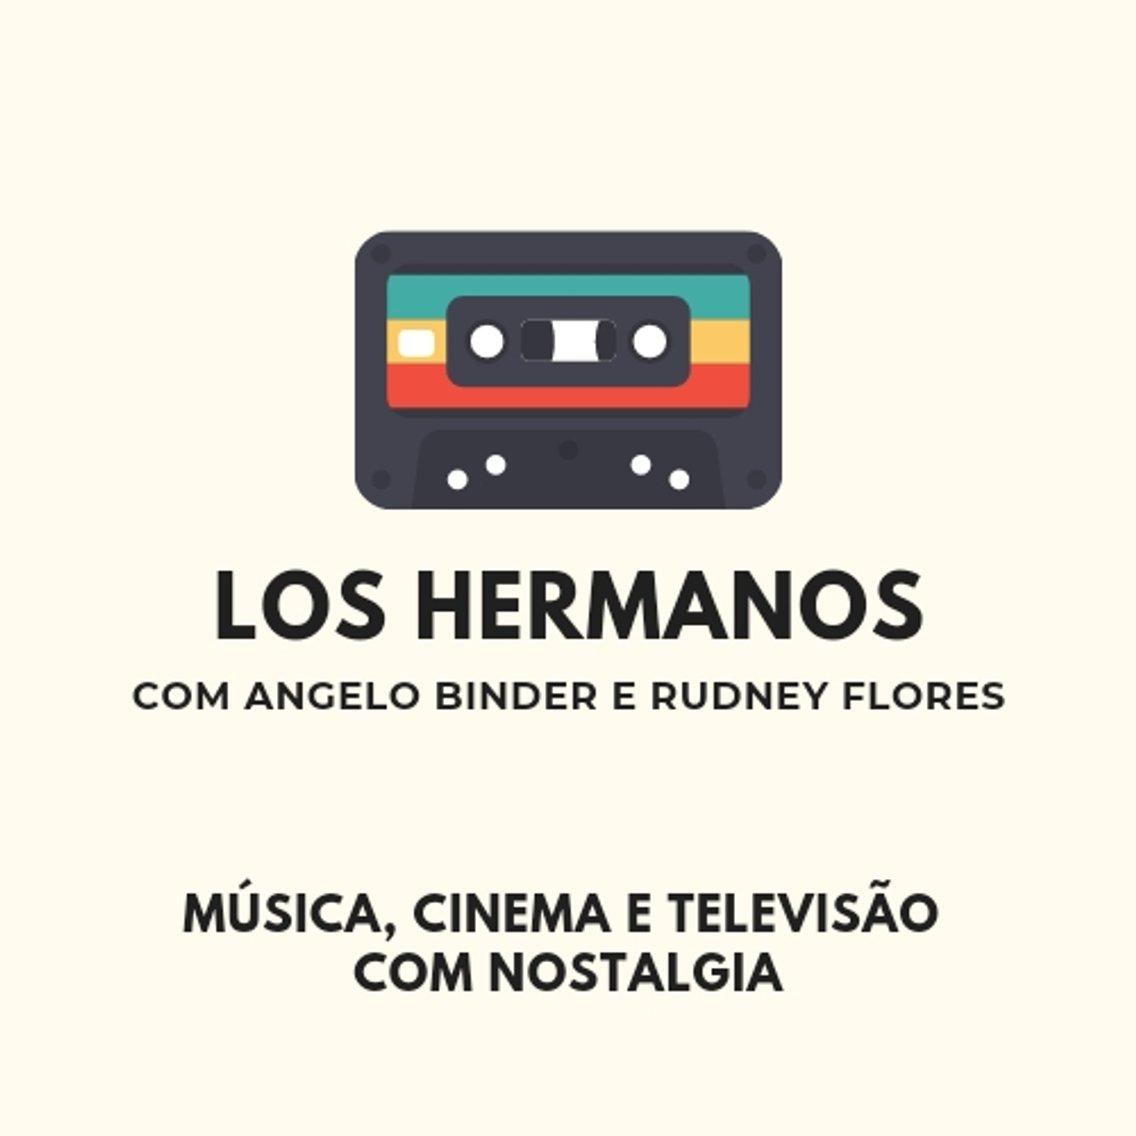 Los Hermanos - Cover Image